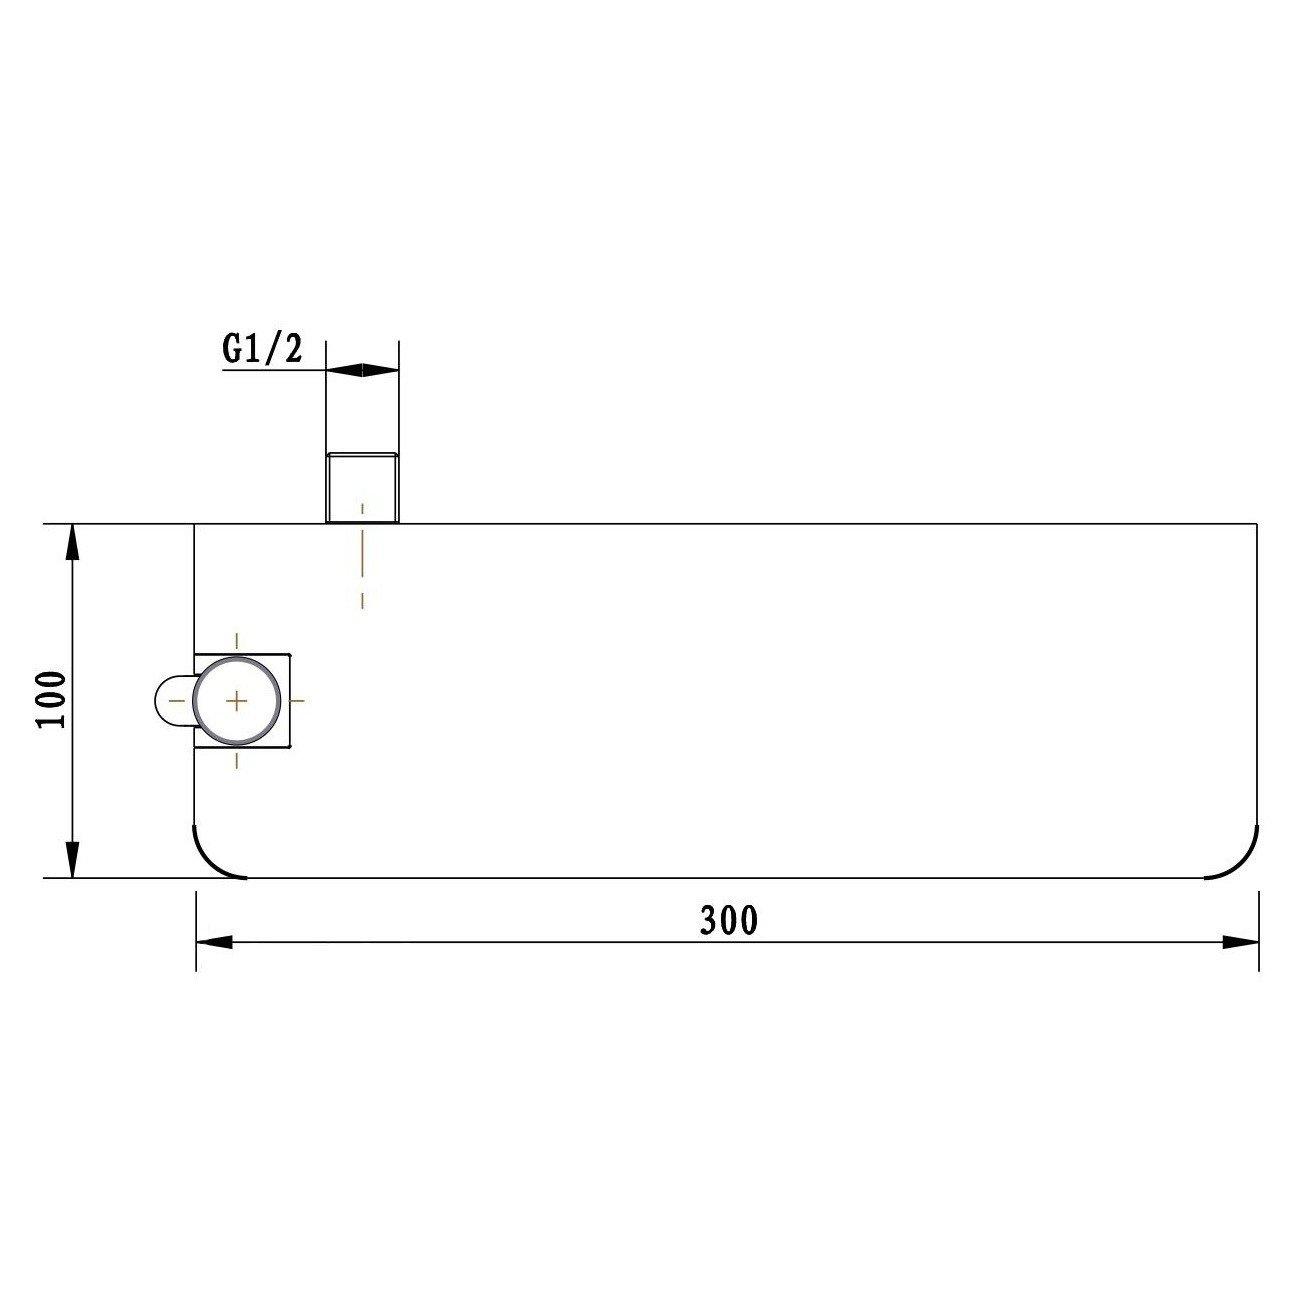 Senza doccetta Mensola portasapone per doccia DS40 con gancio a muro e supporto per doccetta Senza flessibile